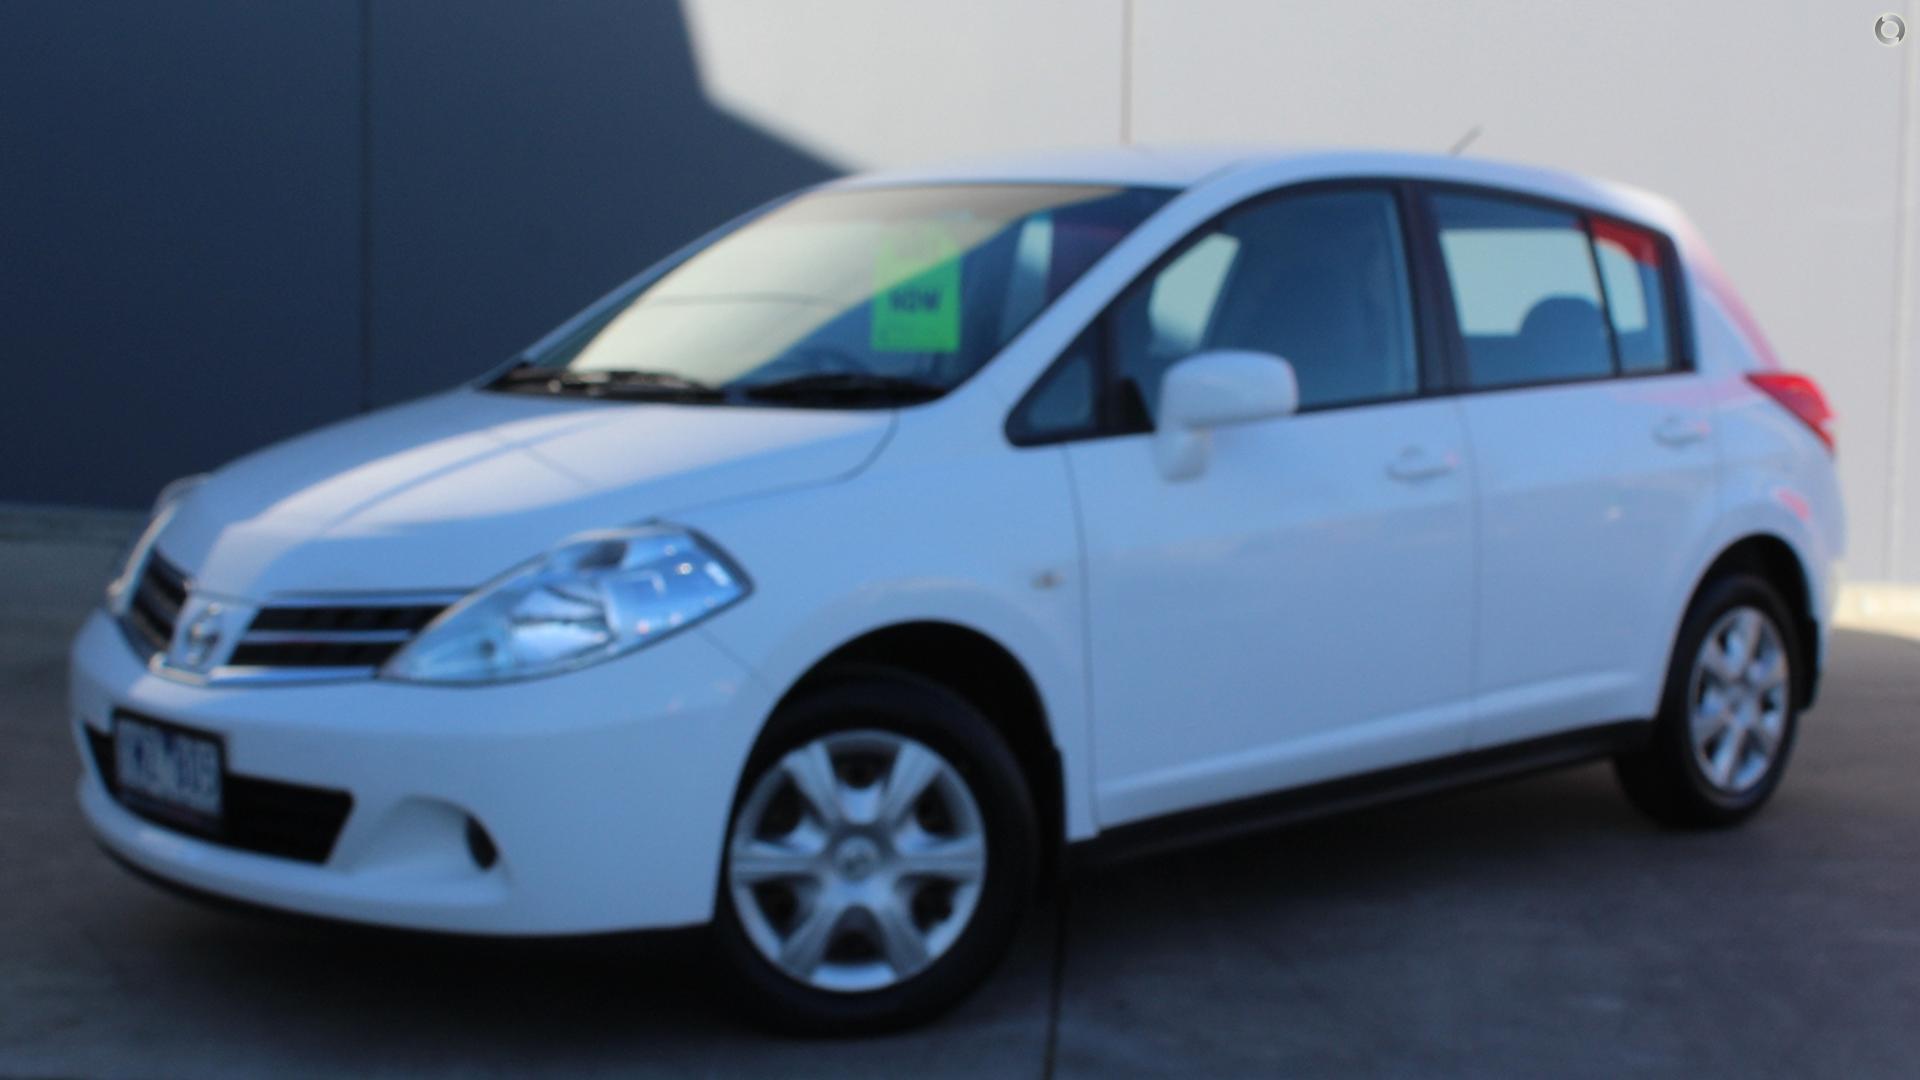 2011 Nissan Tiida C11 S3